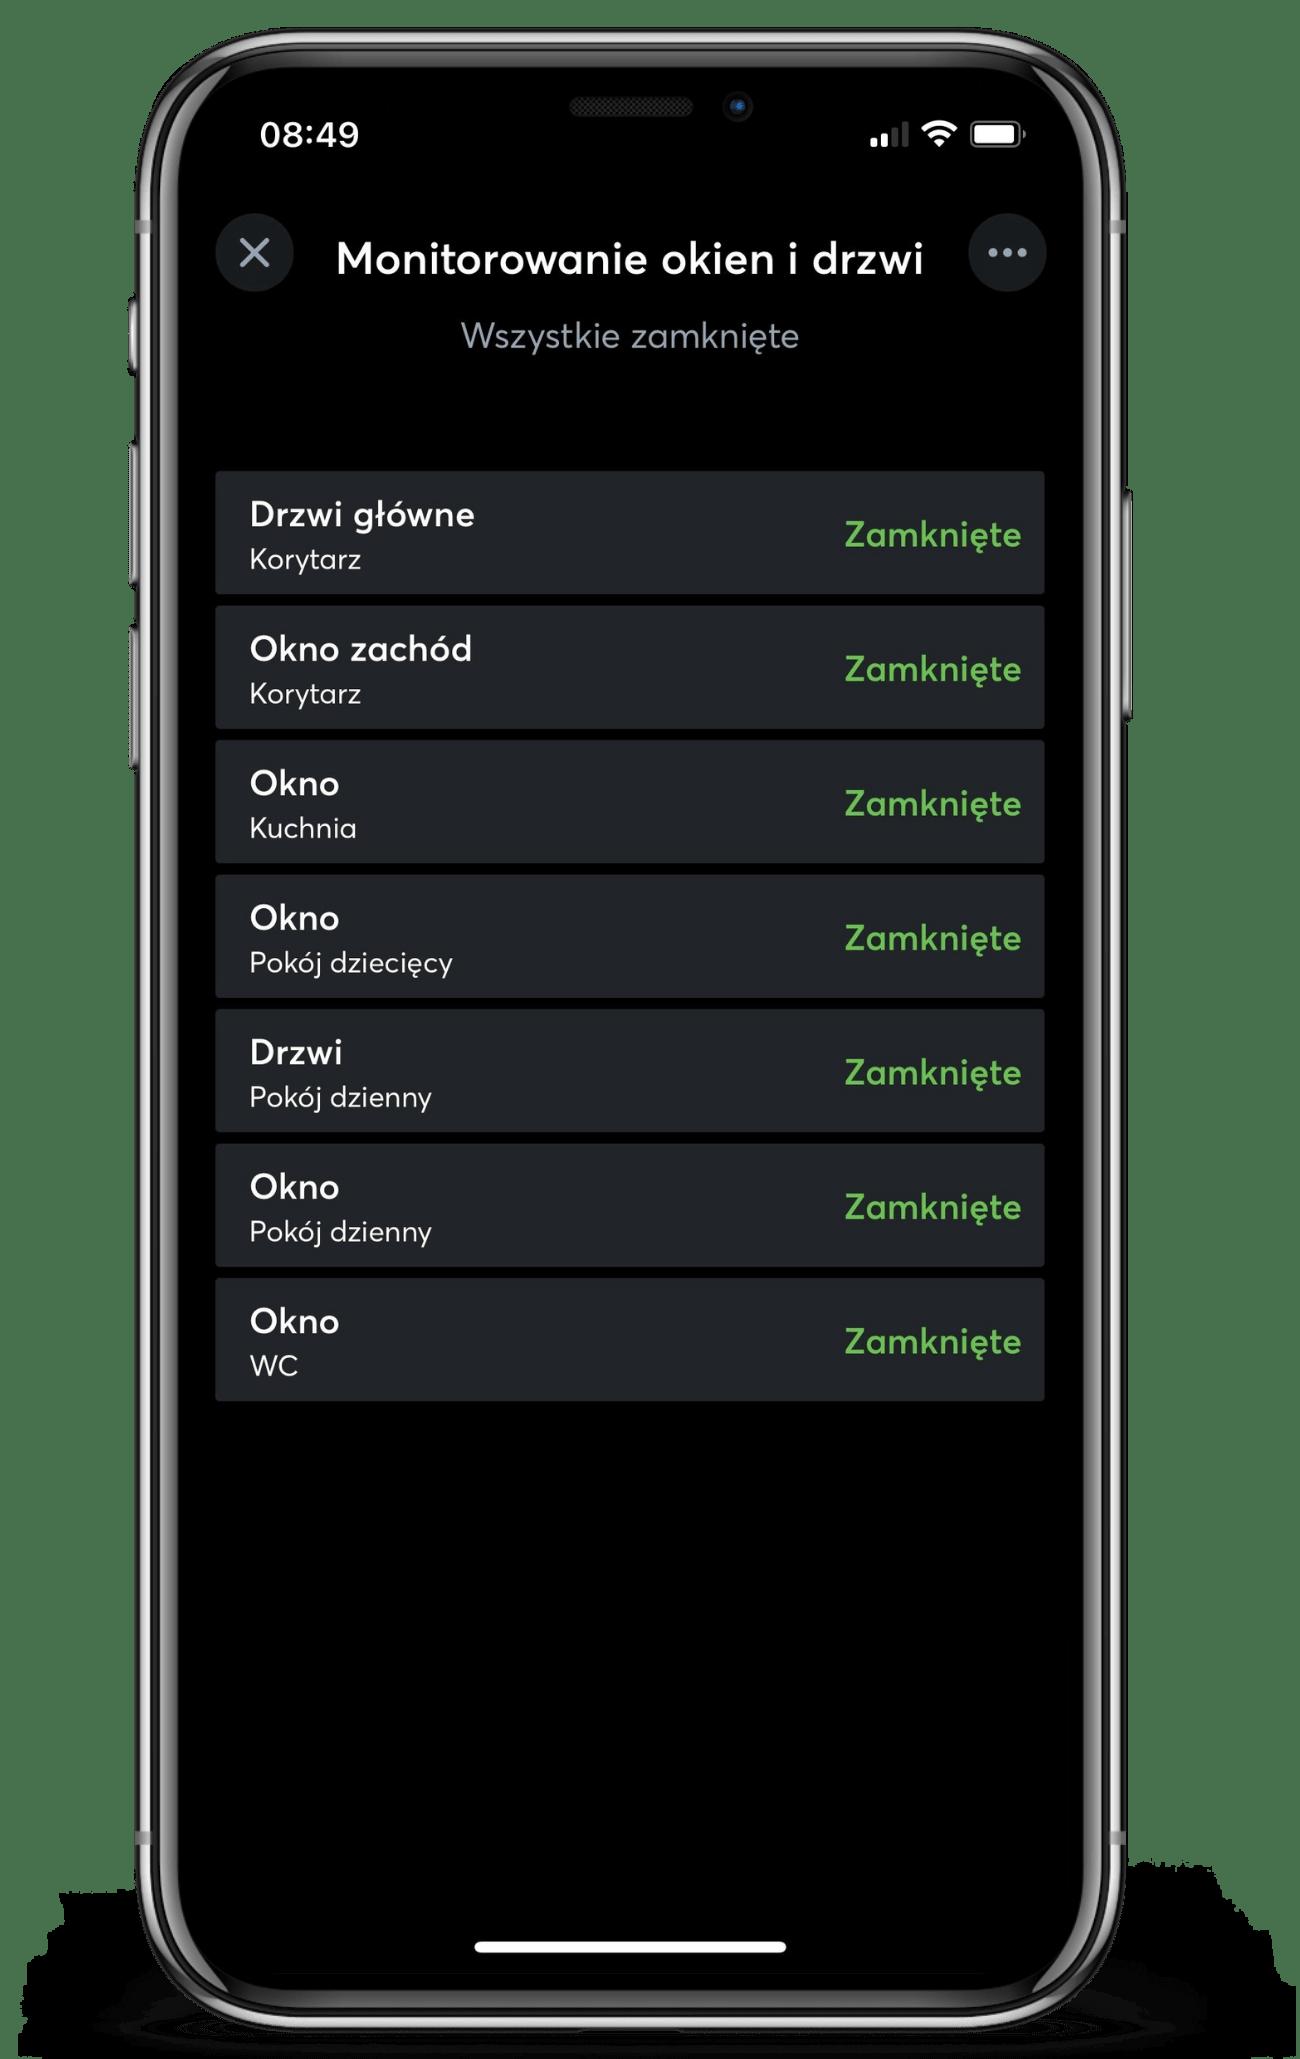 Monitoring drzwi i okien w aplikacji Loxone